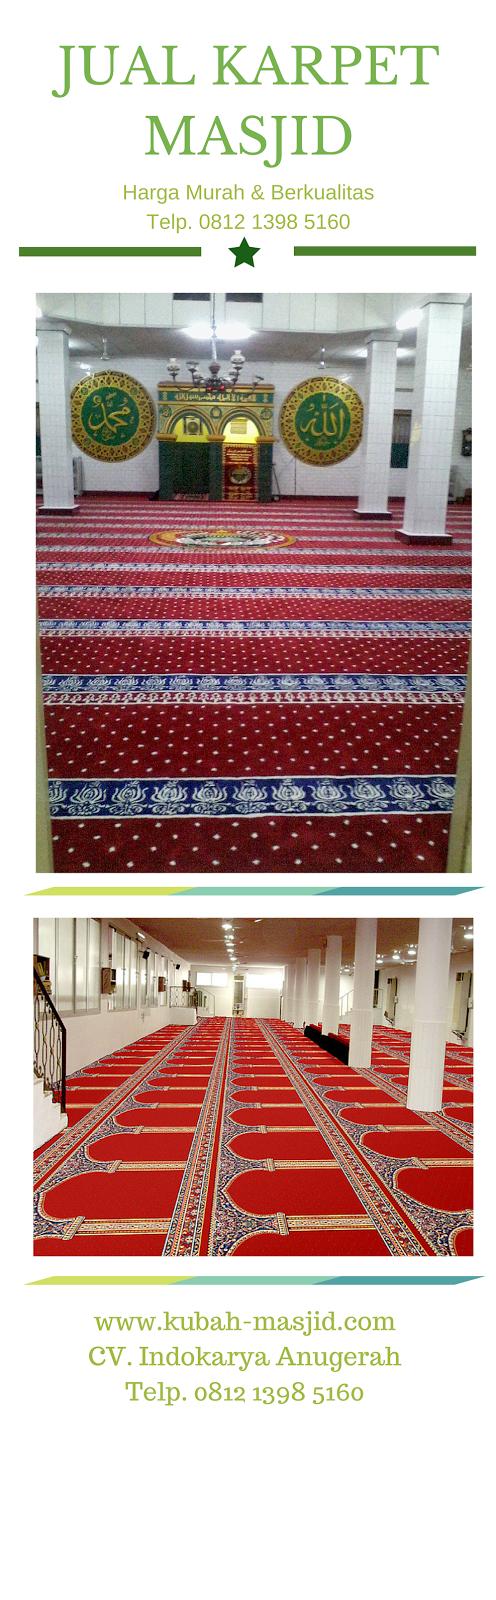 jual karpet sajadah masjid murah berkualitas